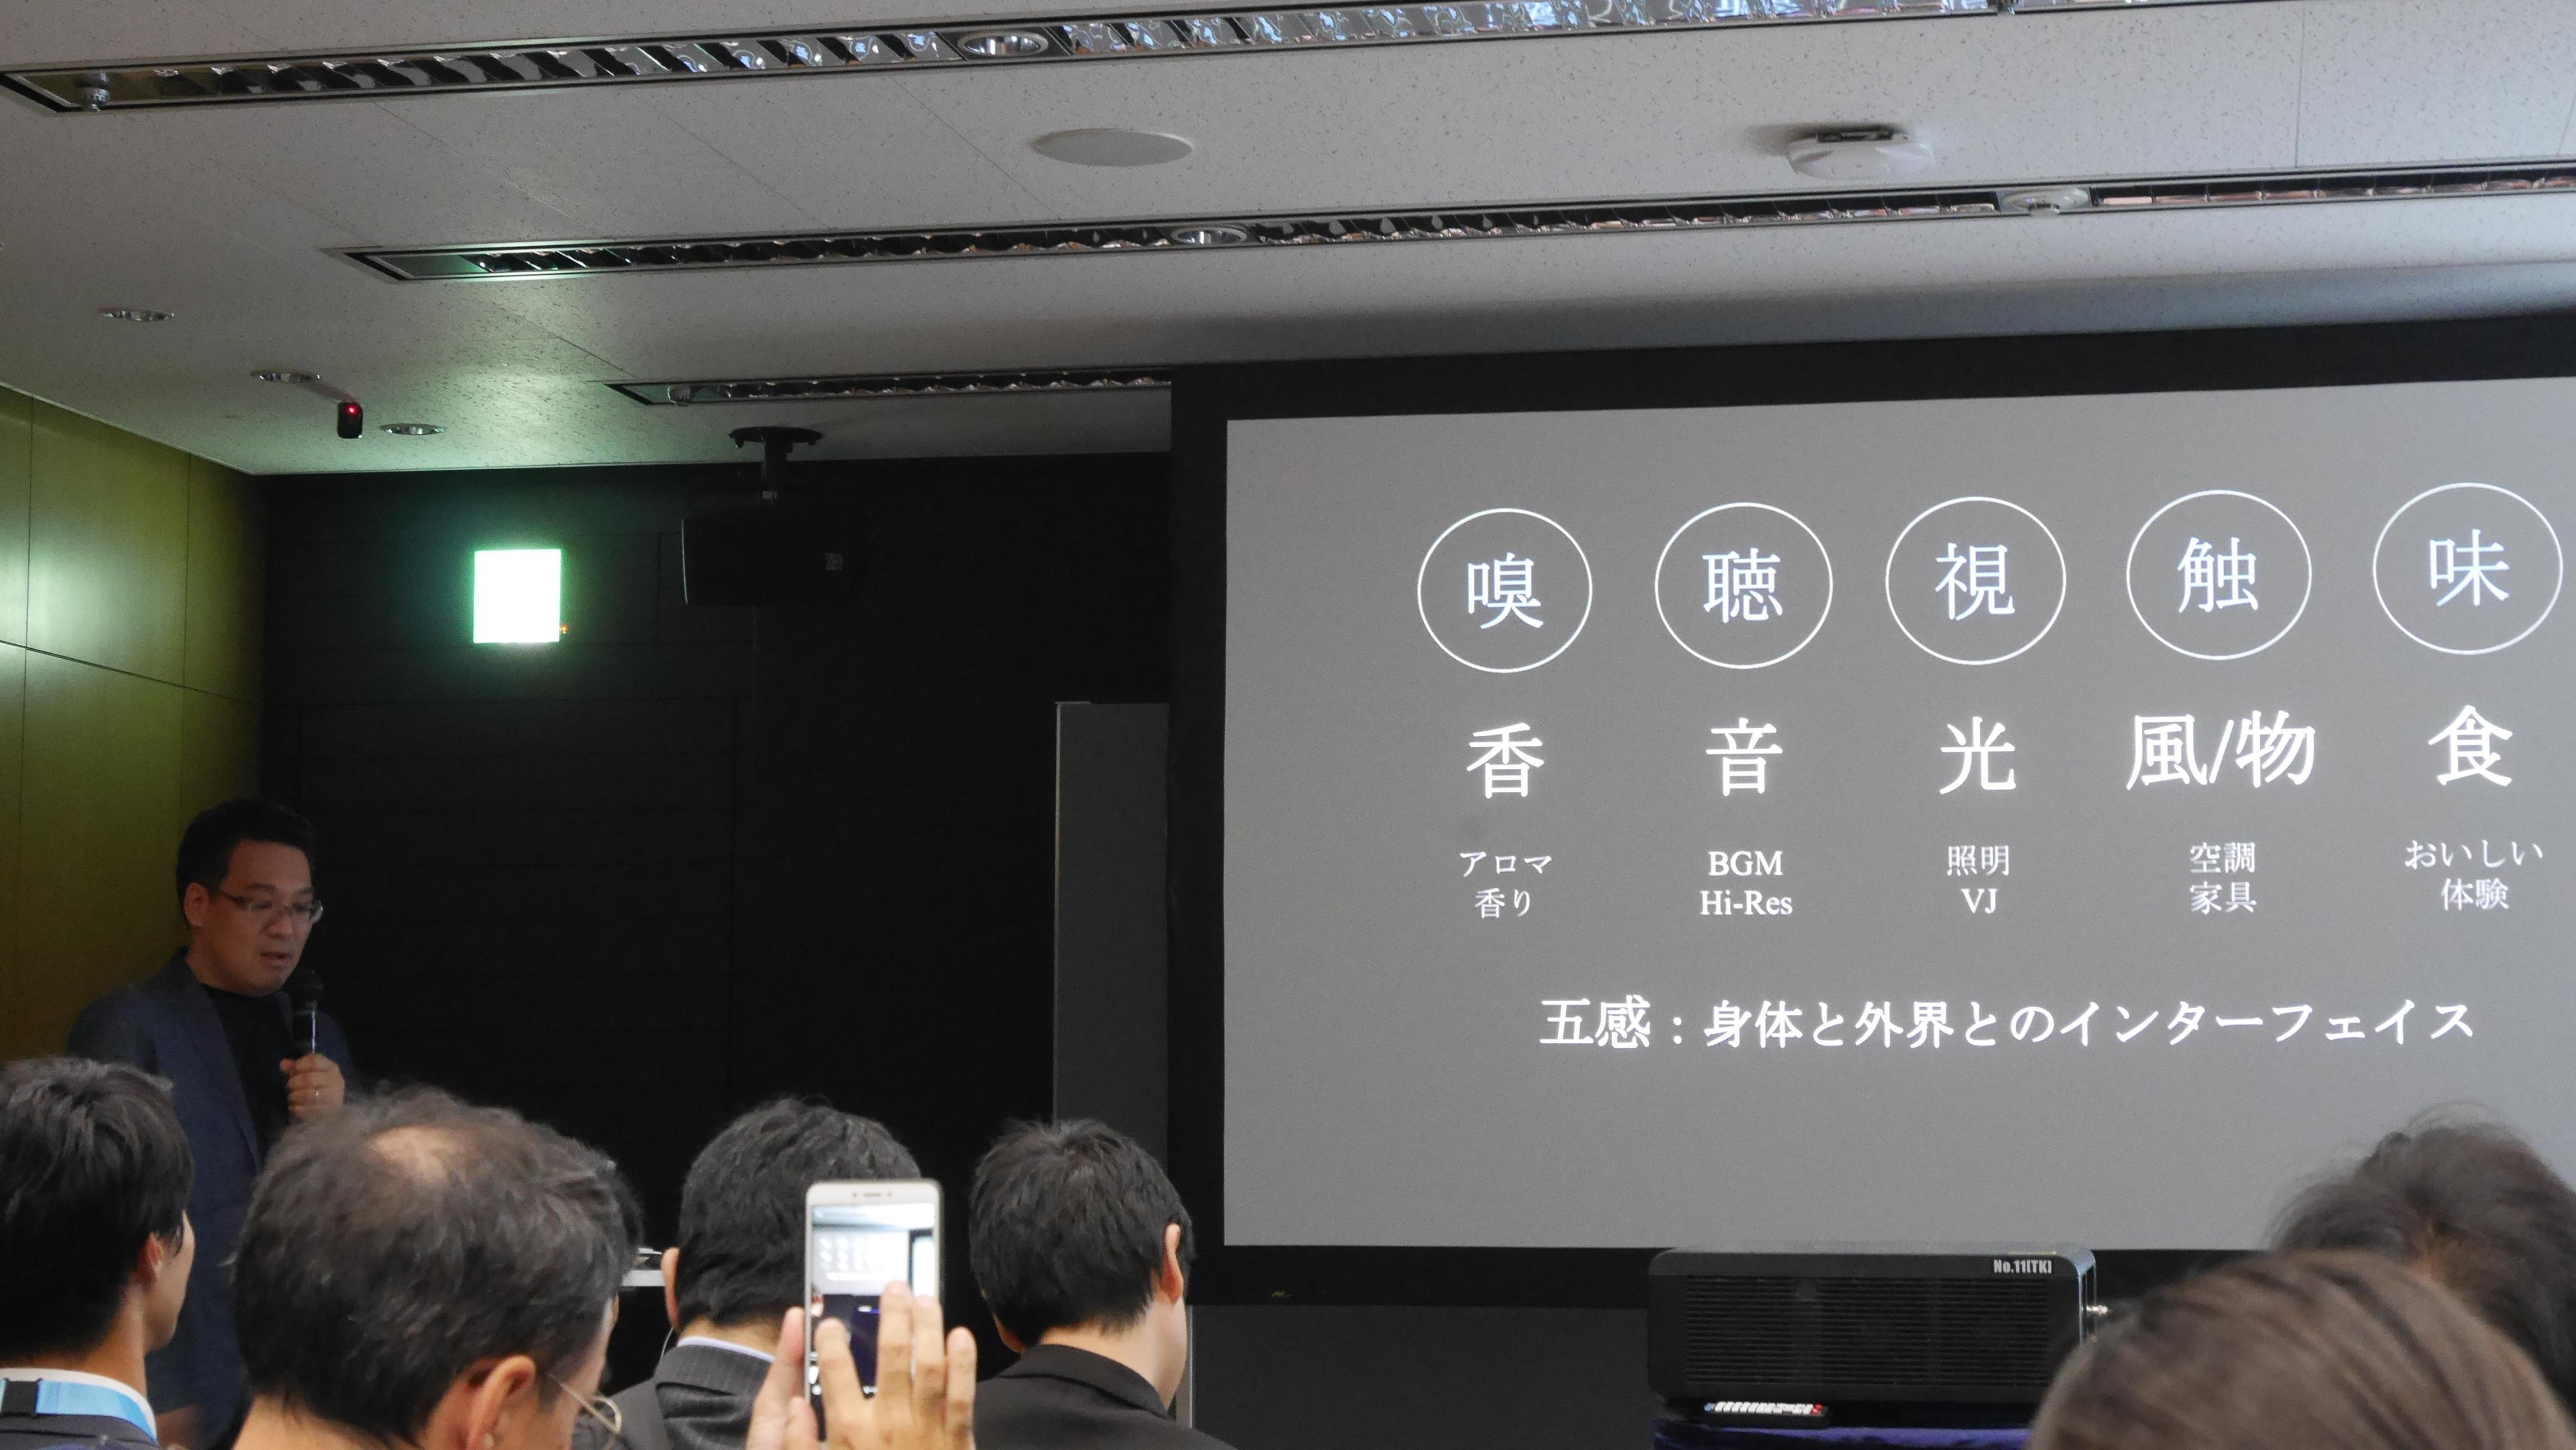 2_谷口がプレゼンする様子_Taniguchi's presentation.JPG